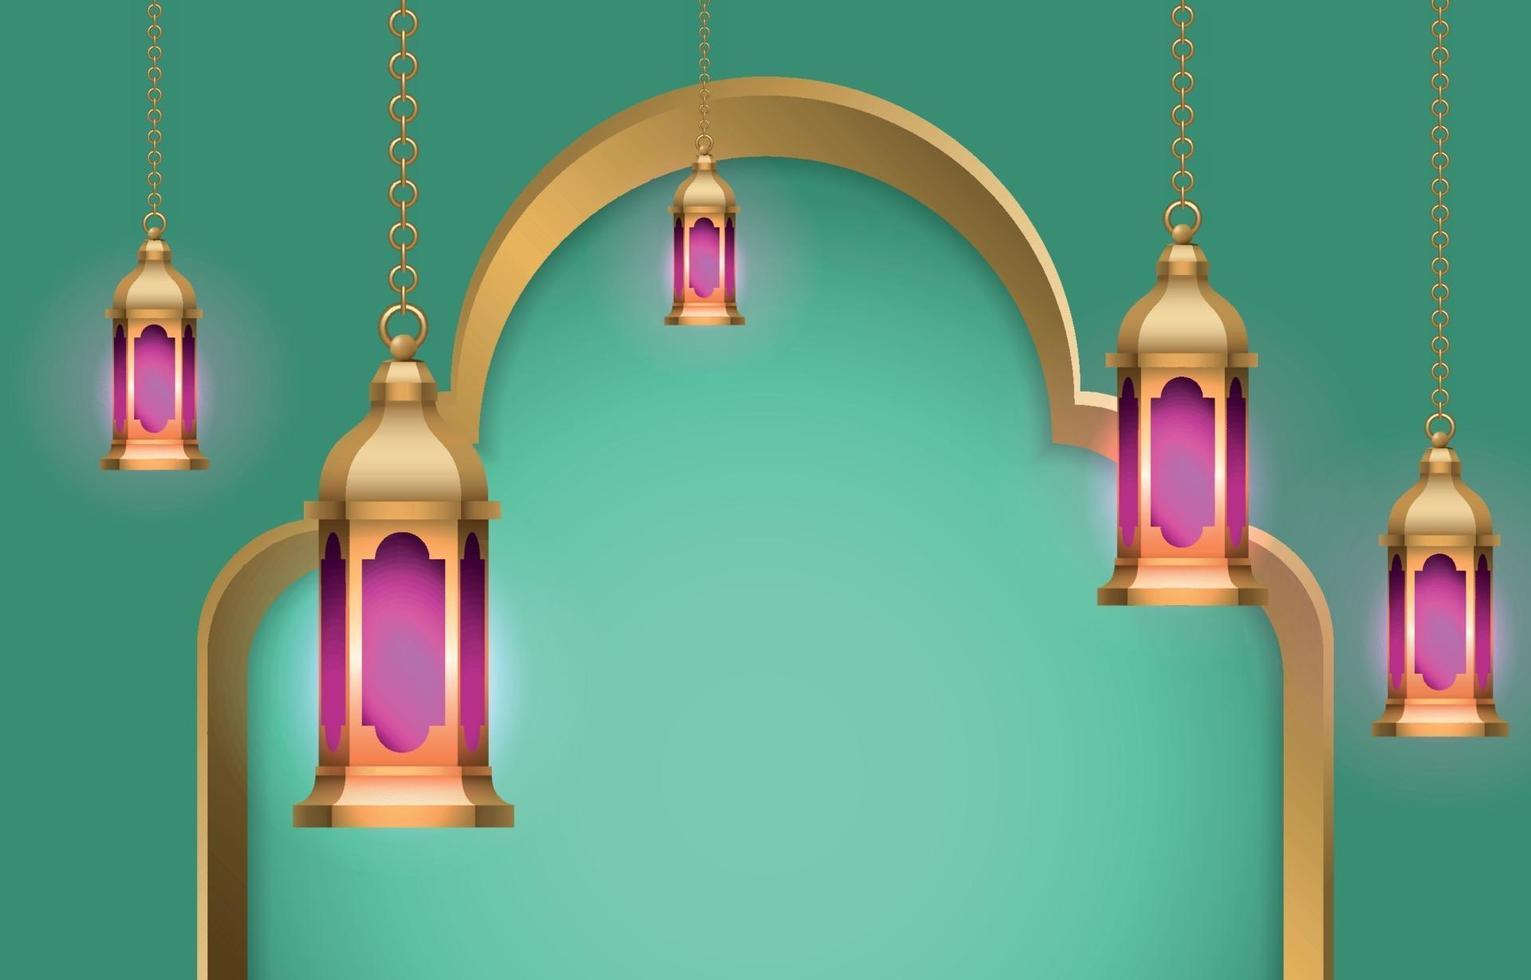 islamischer Laternenhintergrund vektor